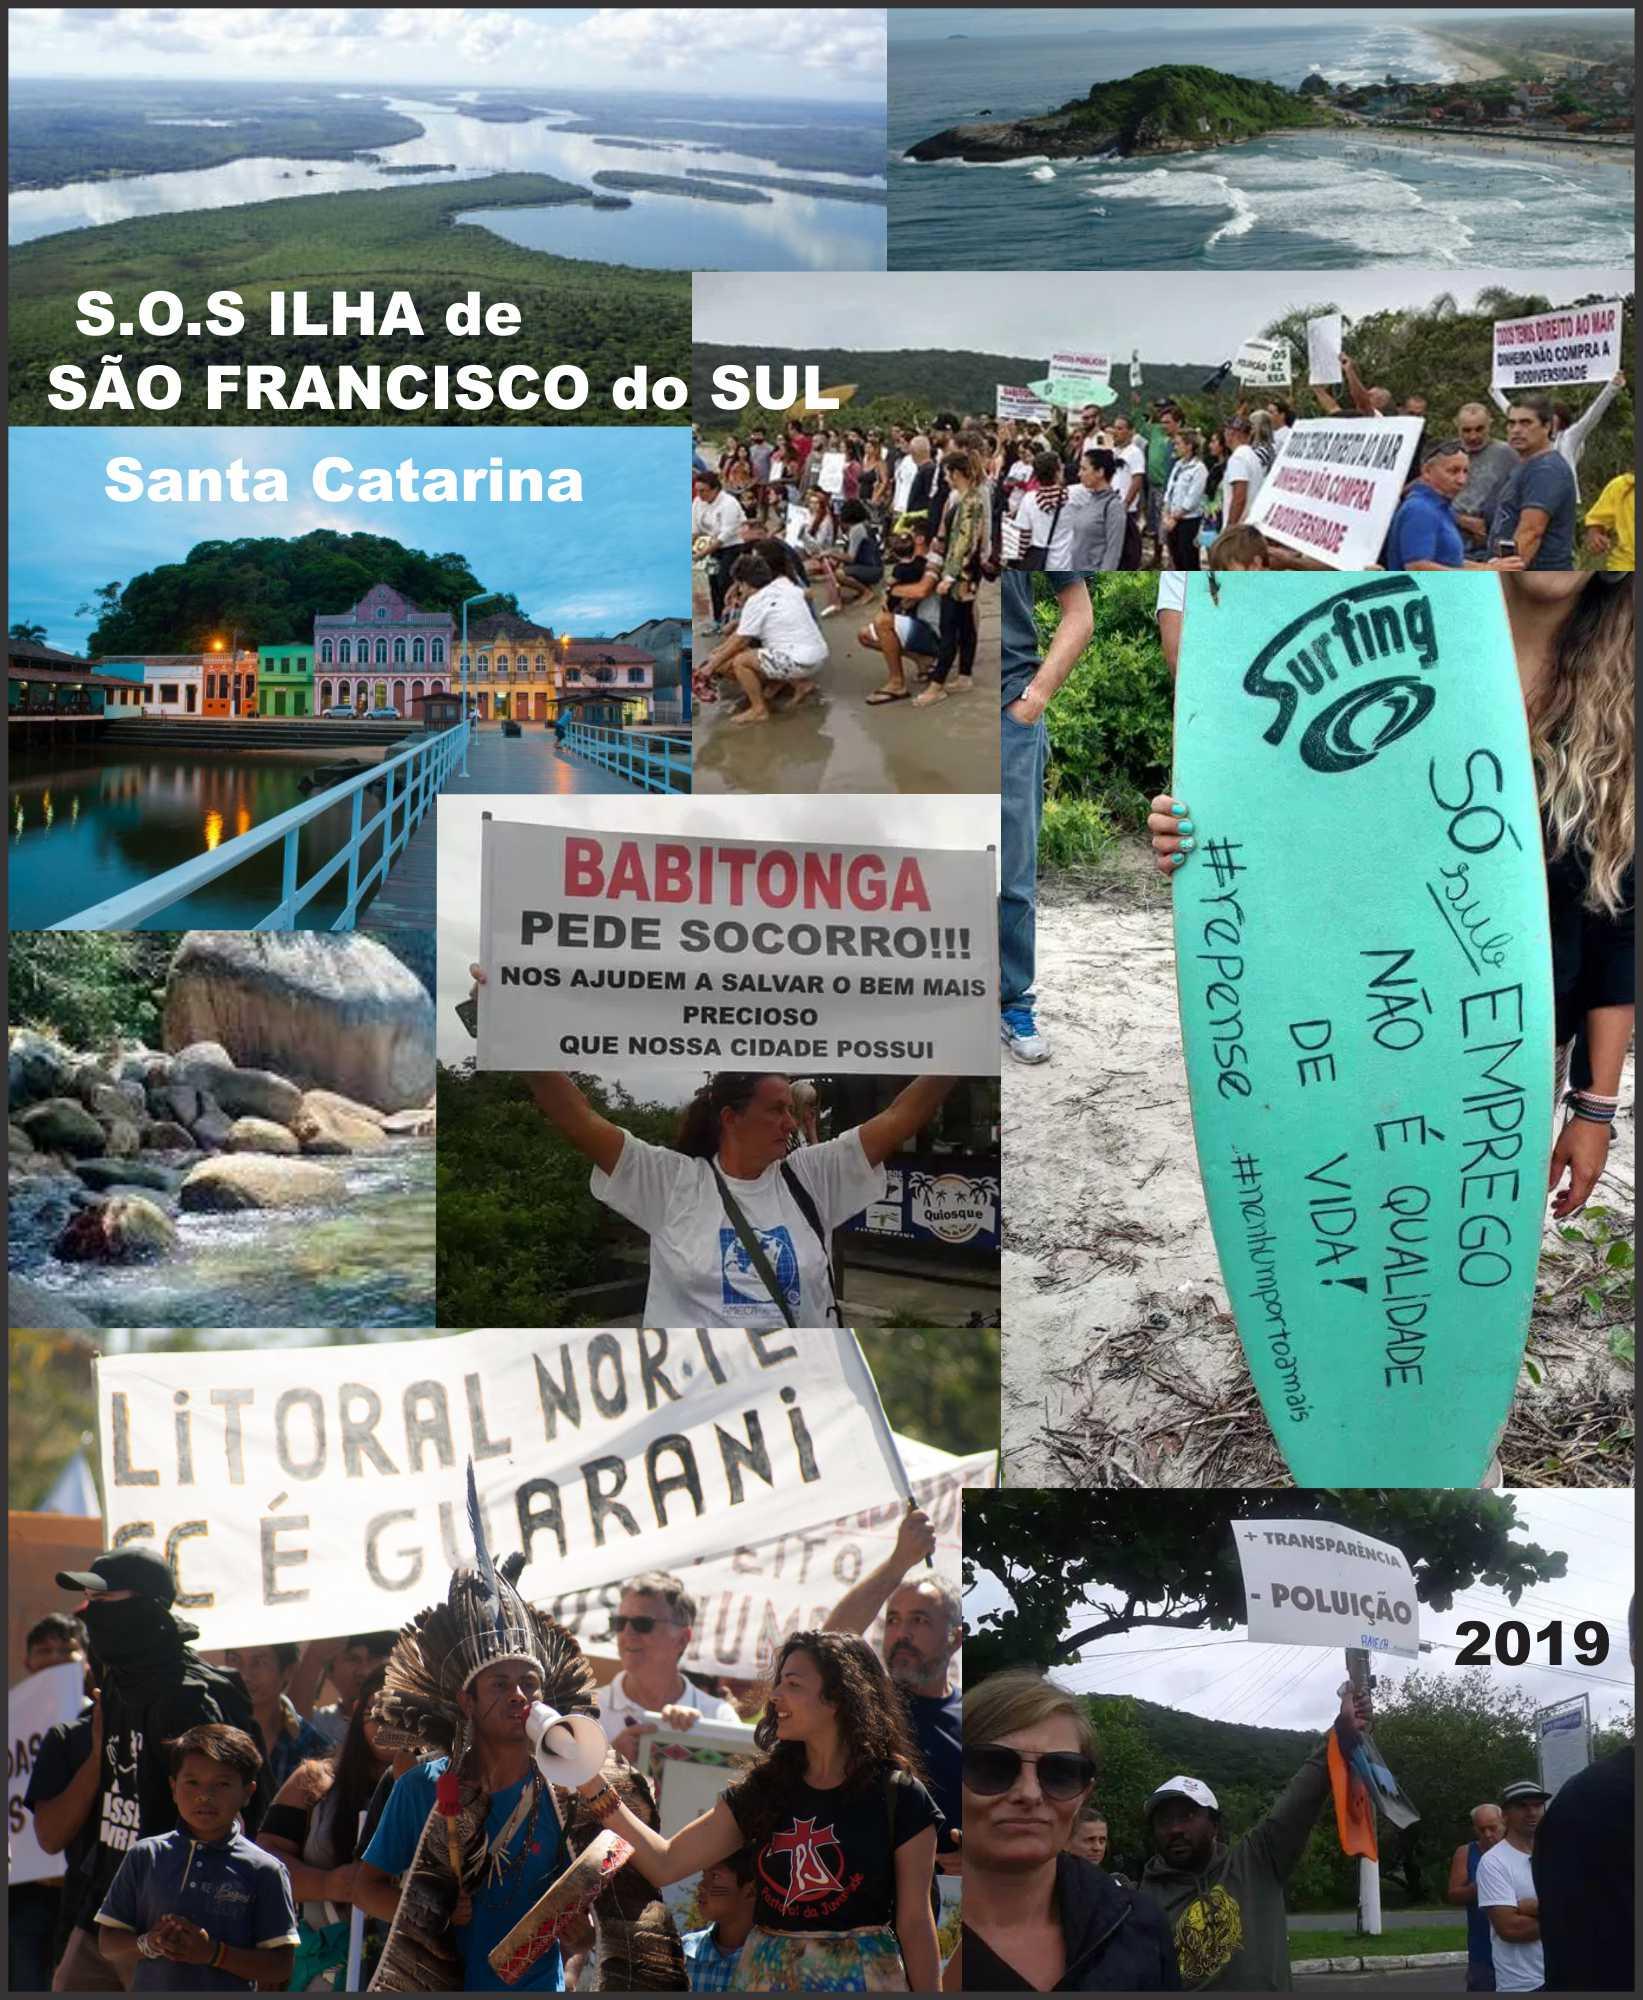 SÃO FRANCISCO DO SUL SC BRASIL